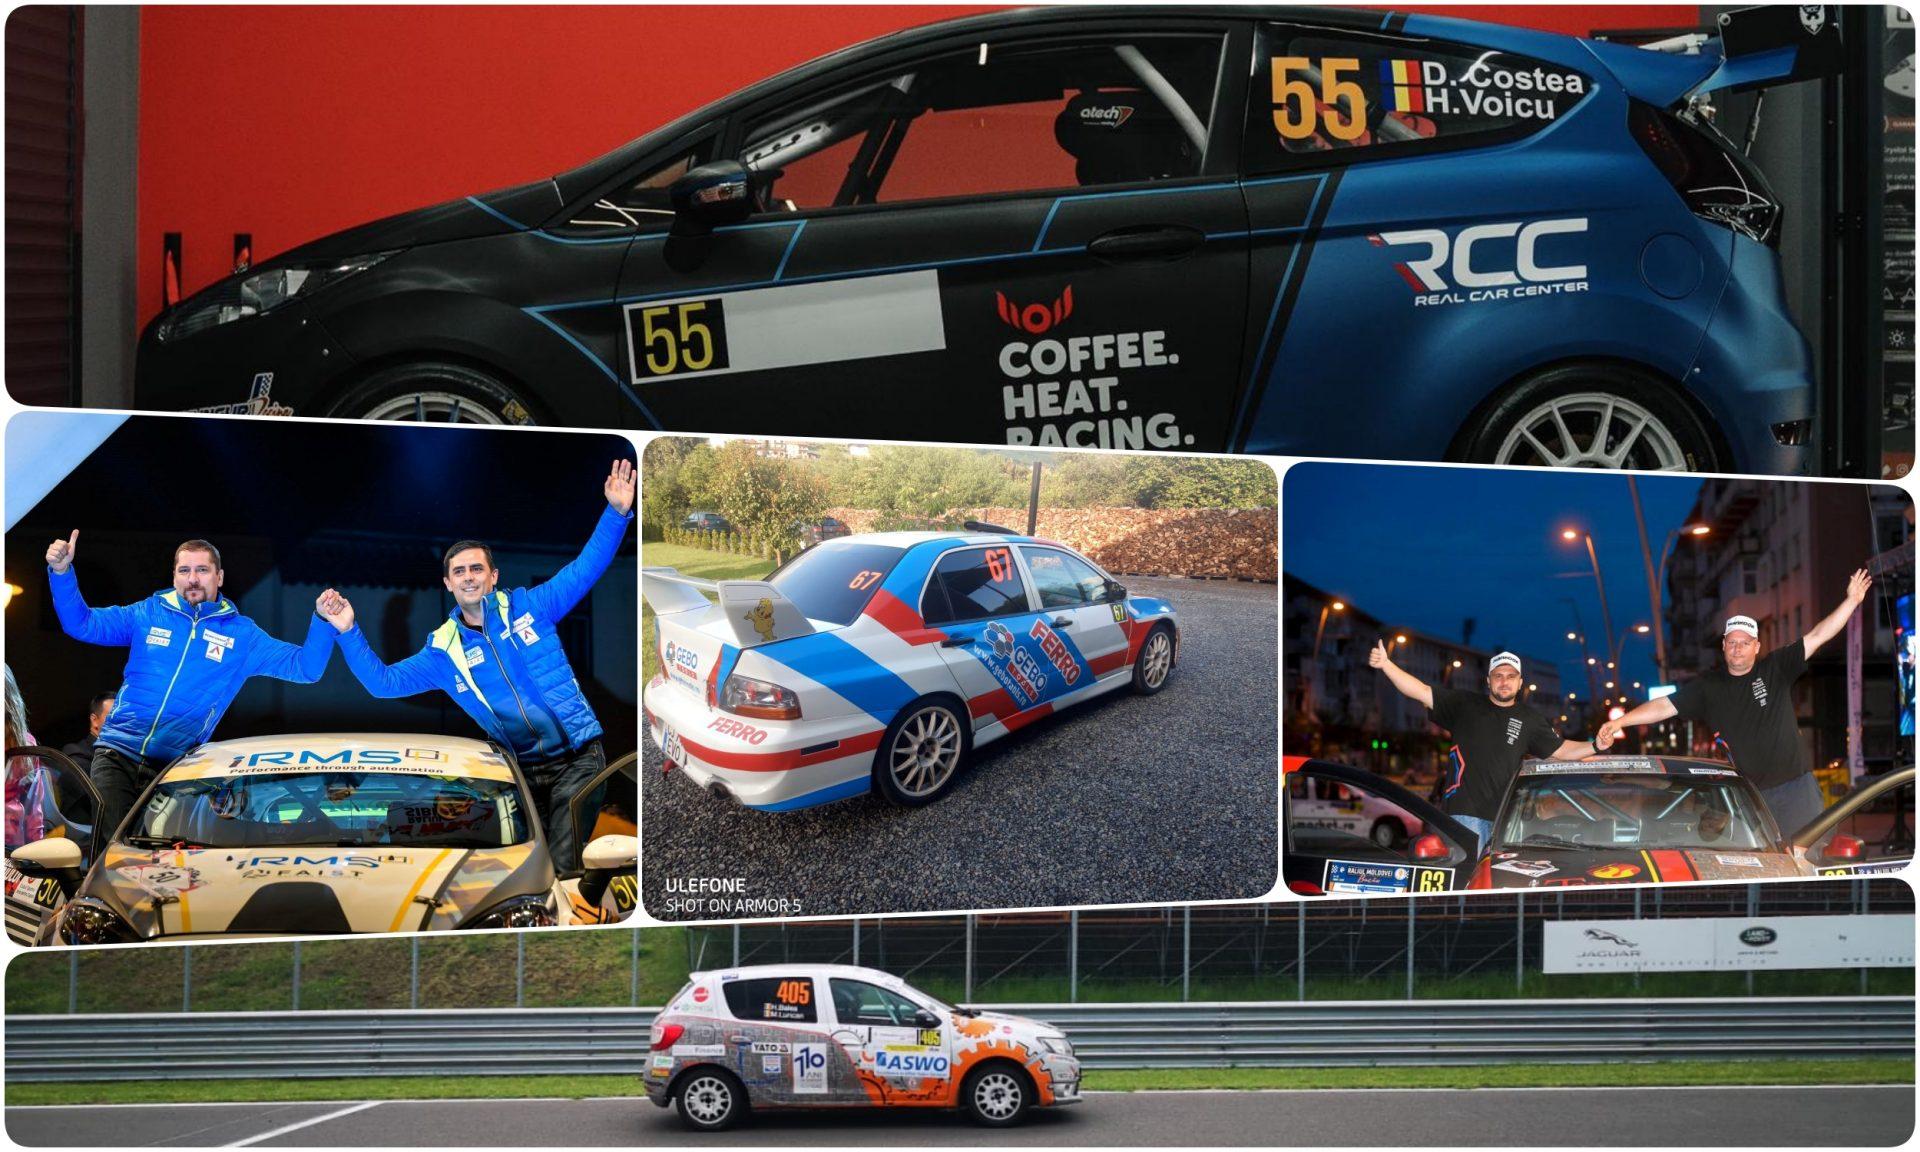 O nouă echipă în CNR – Danny Ungur Racing